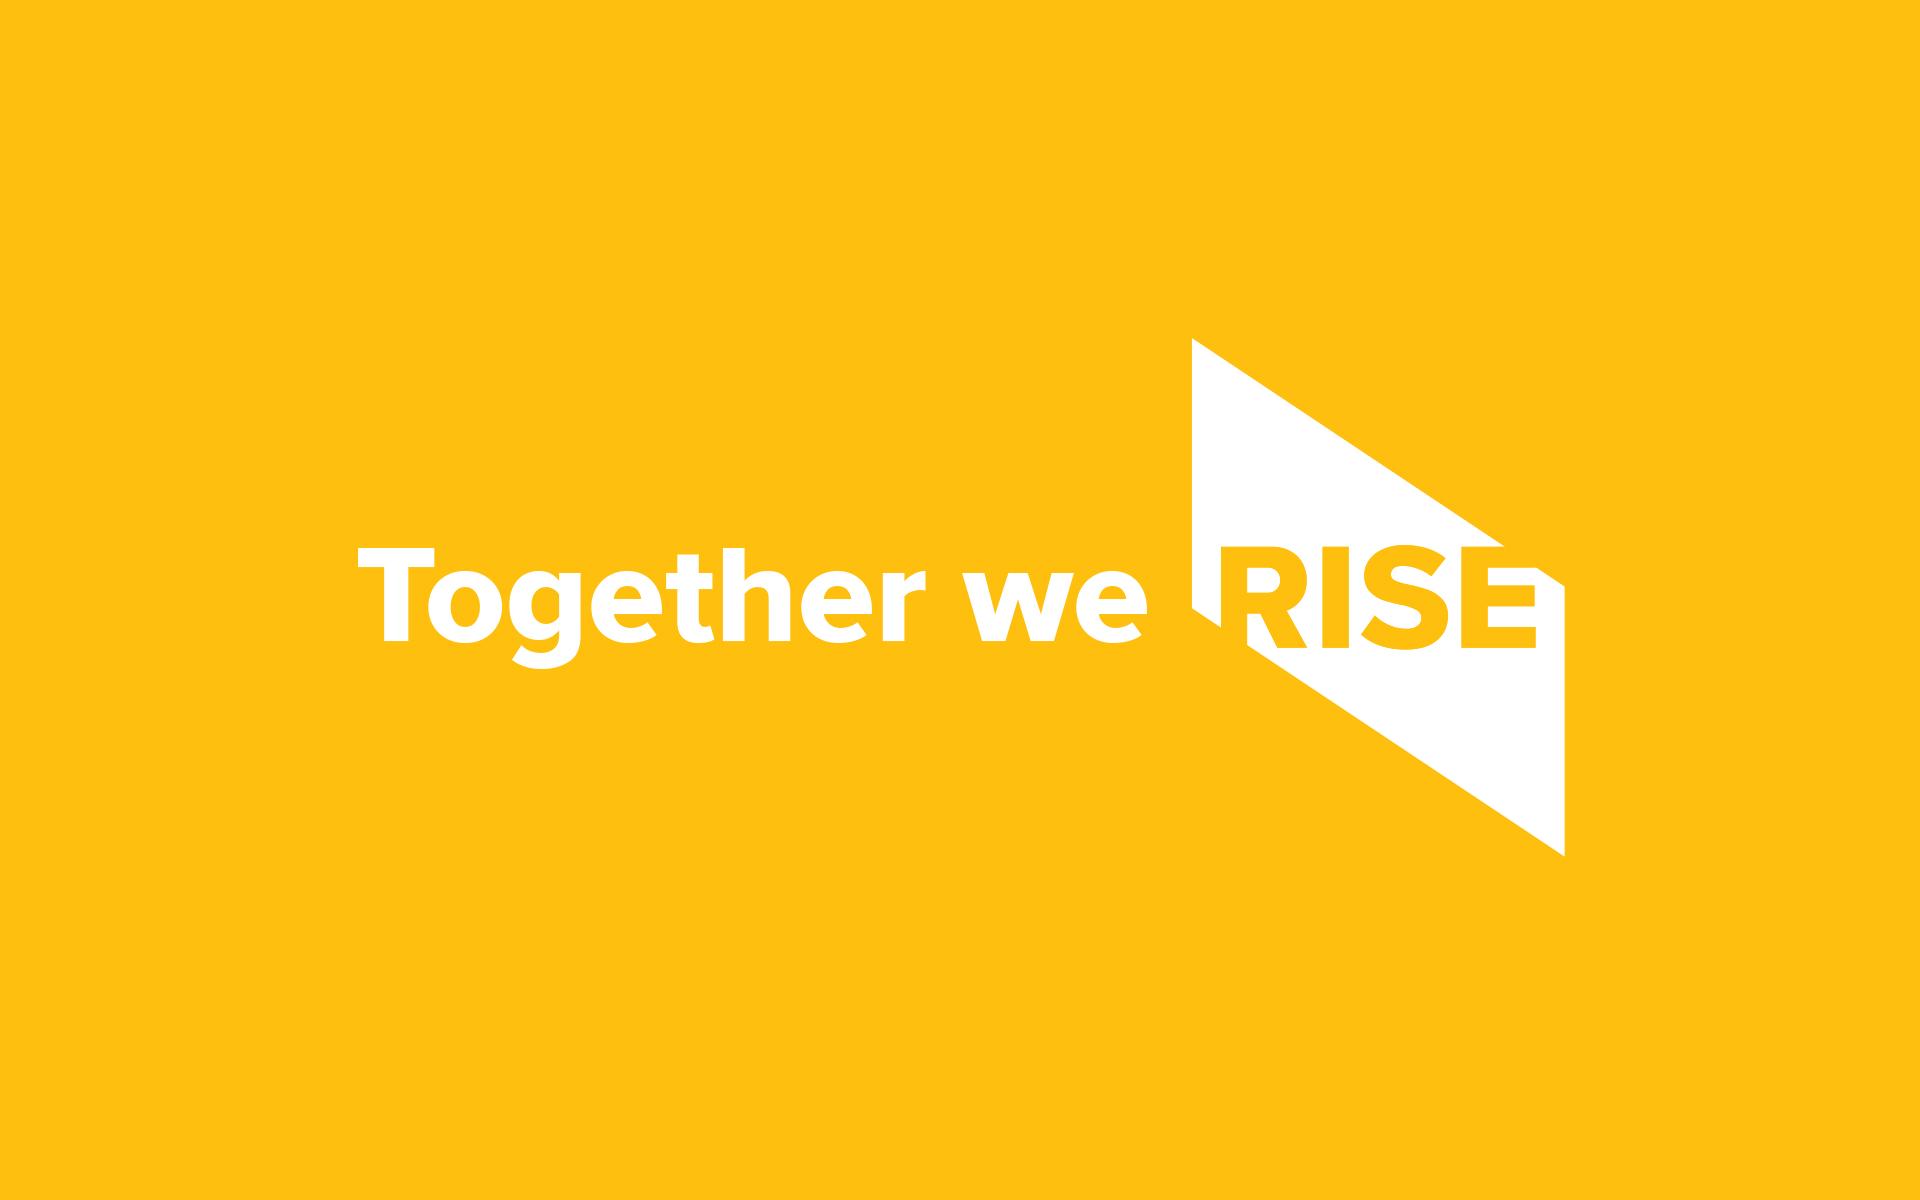 TU Rise Campaign